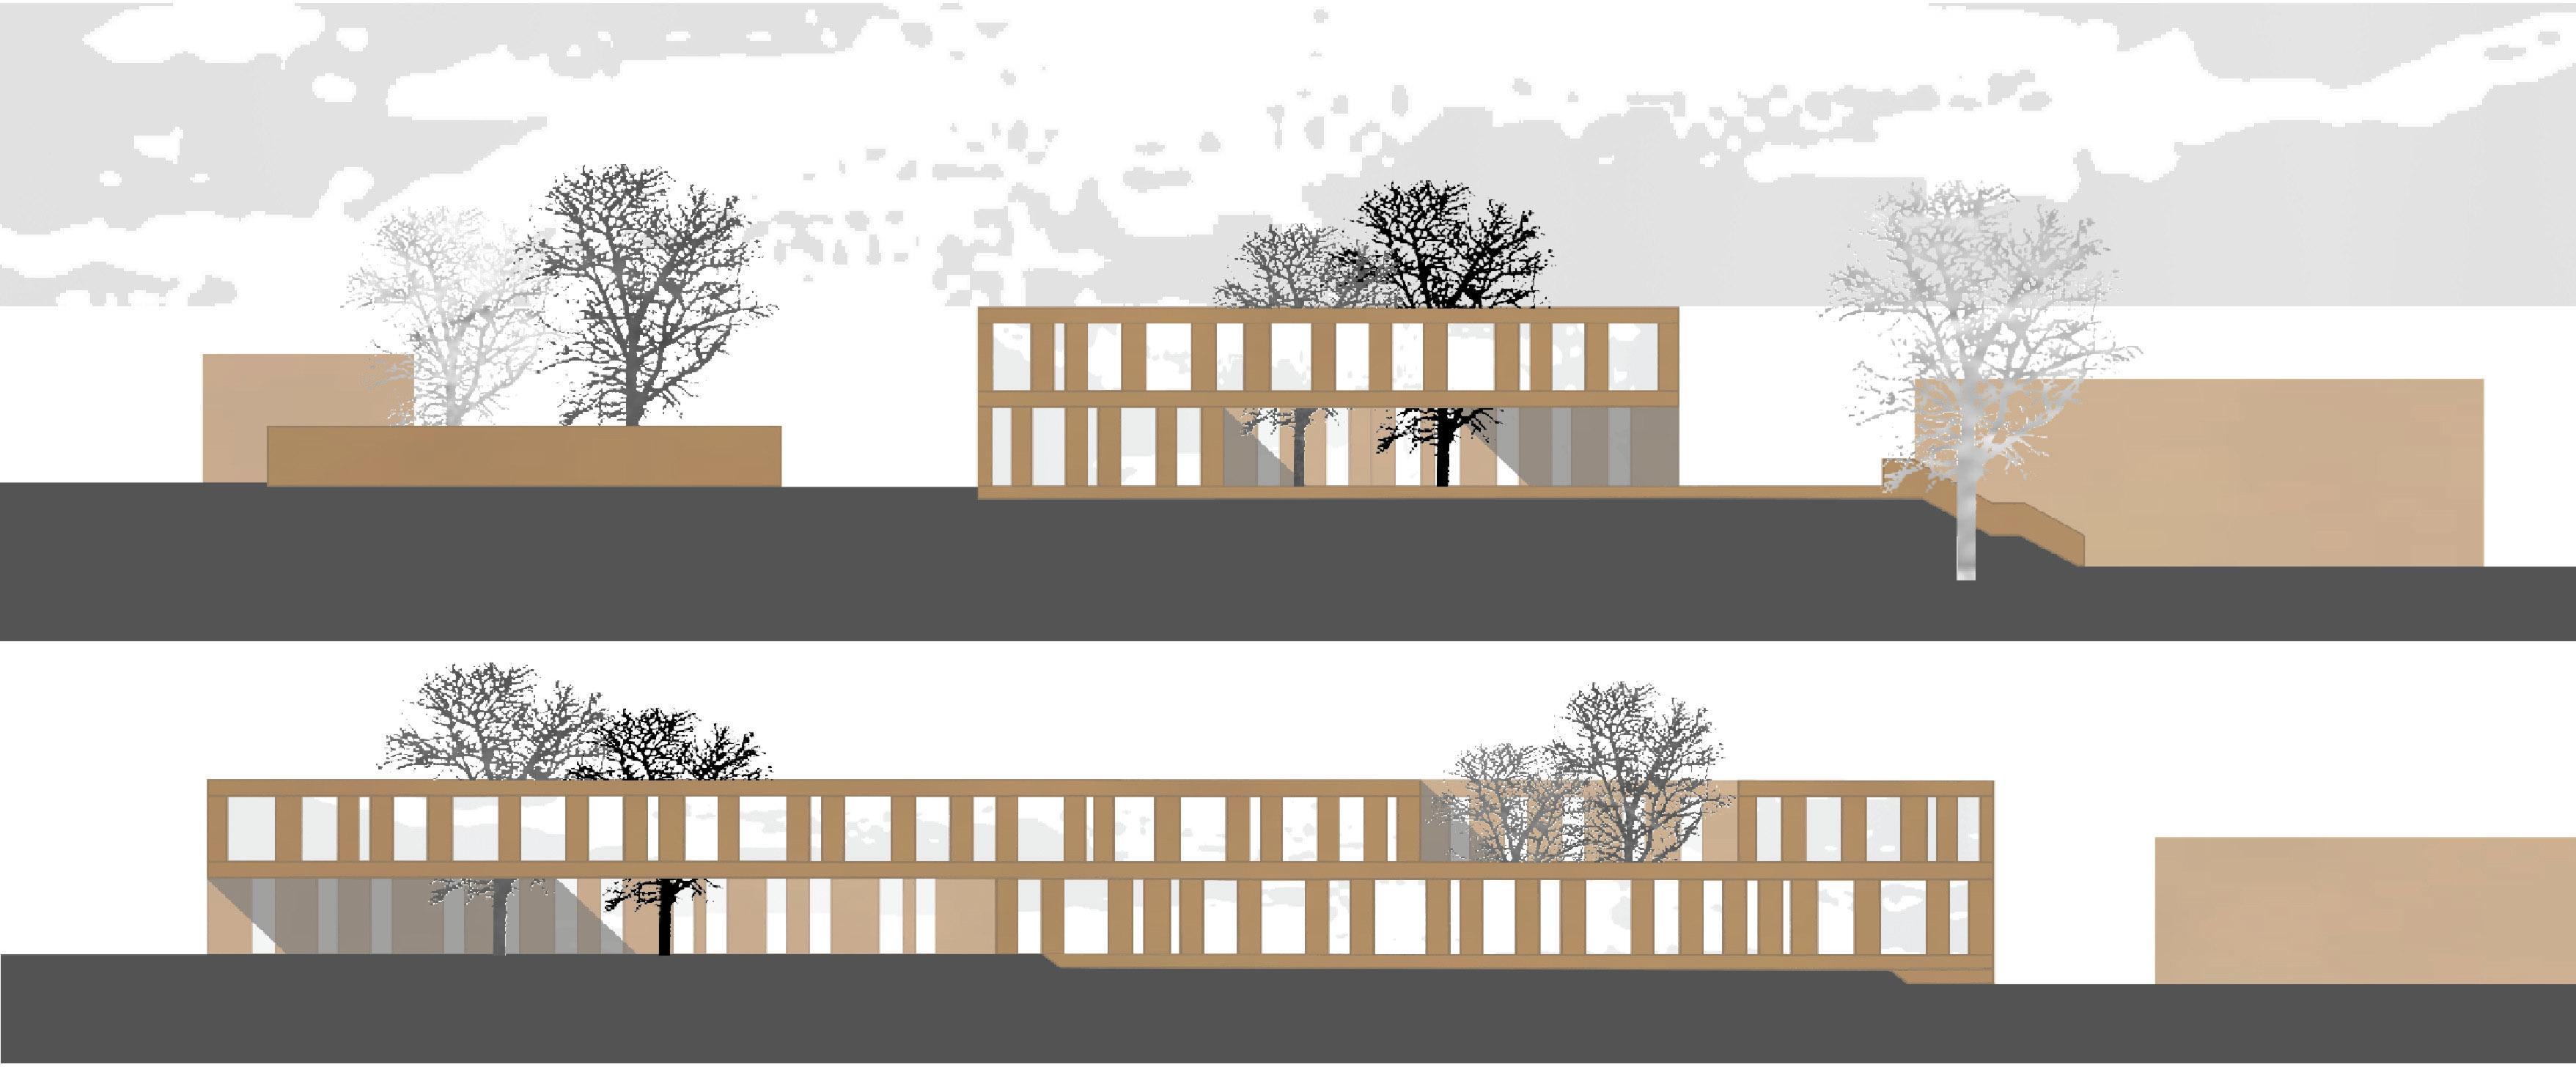 Architekten Recklinghausen ankauf neubau der comeniusschule competitionline